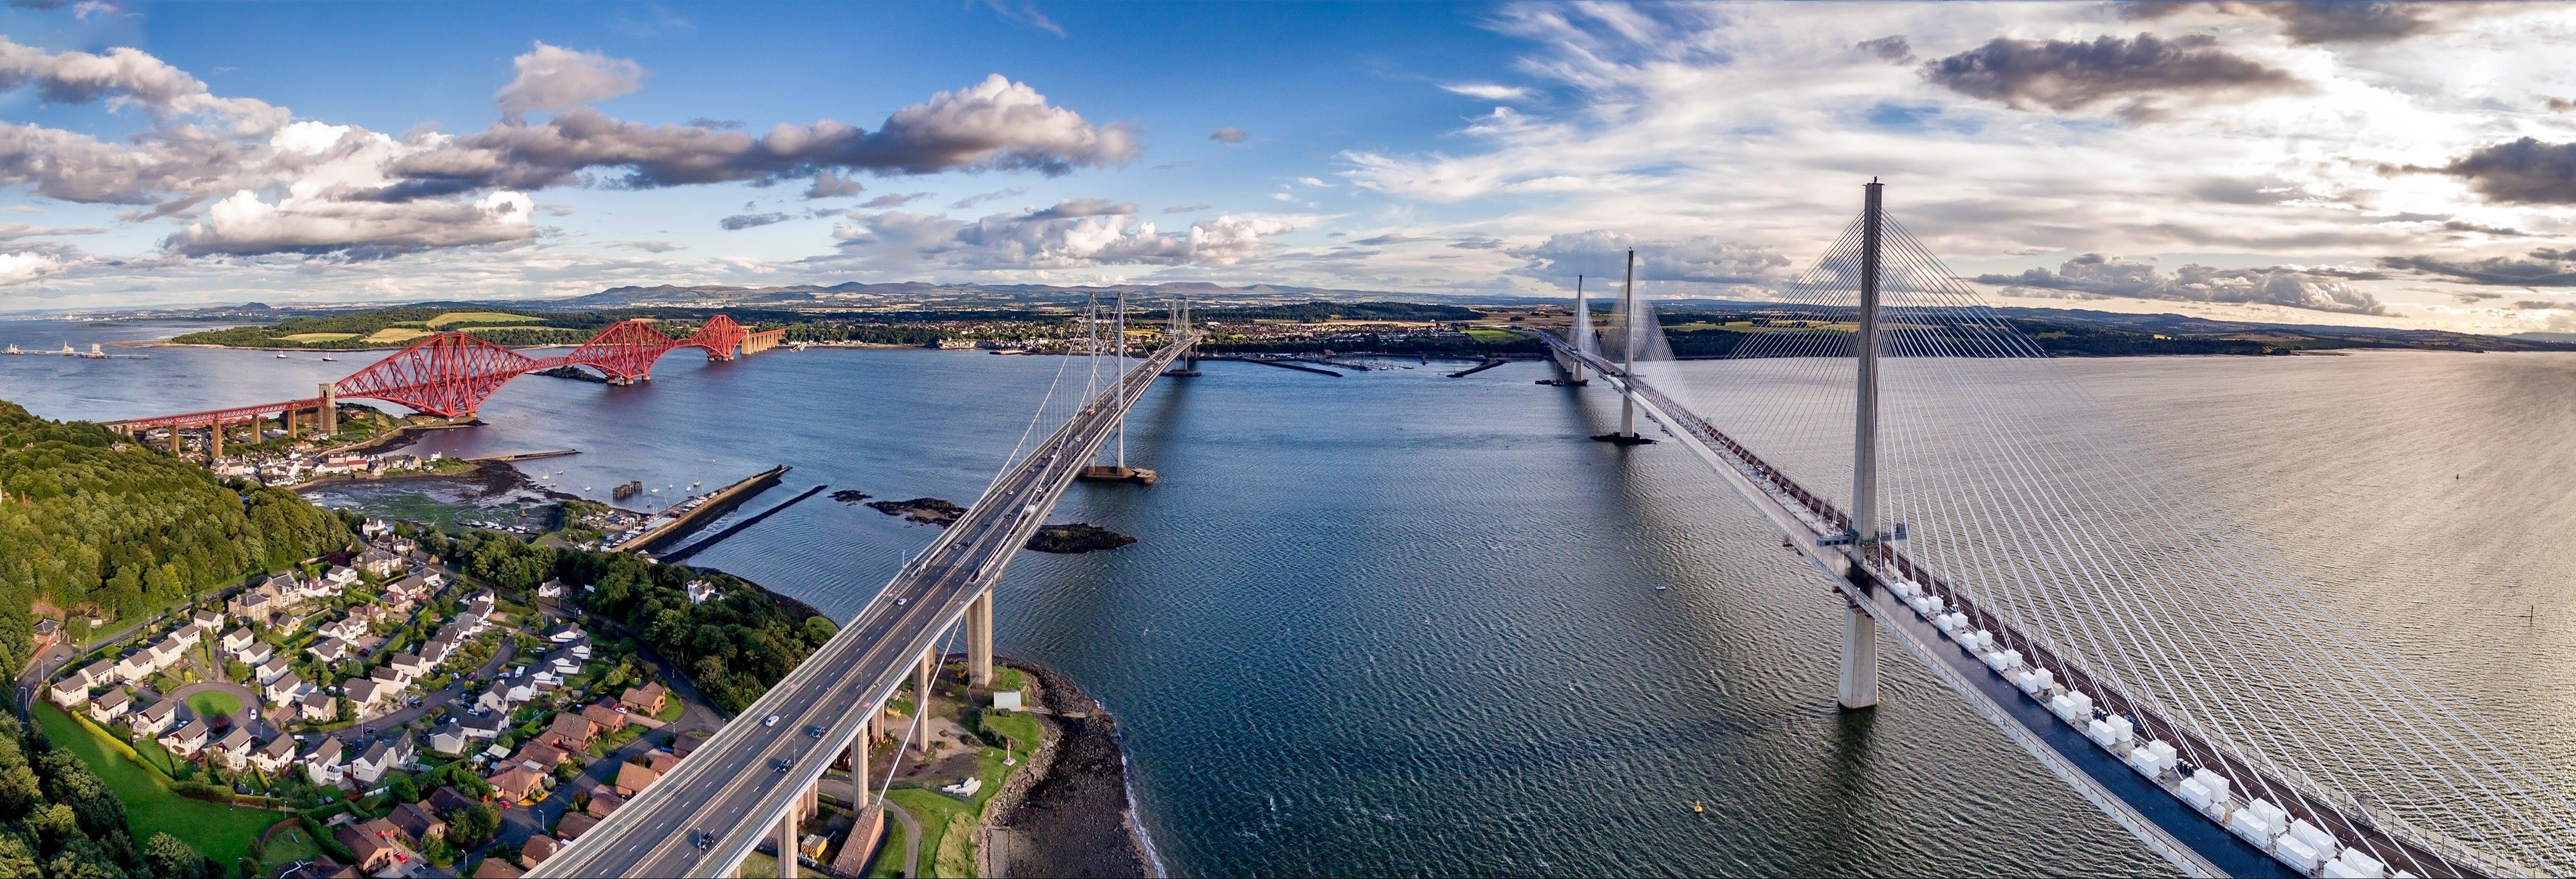 Paseo en barco por los puentes del Forth